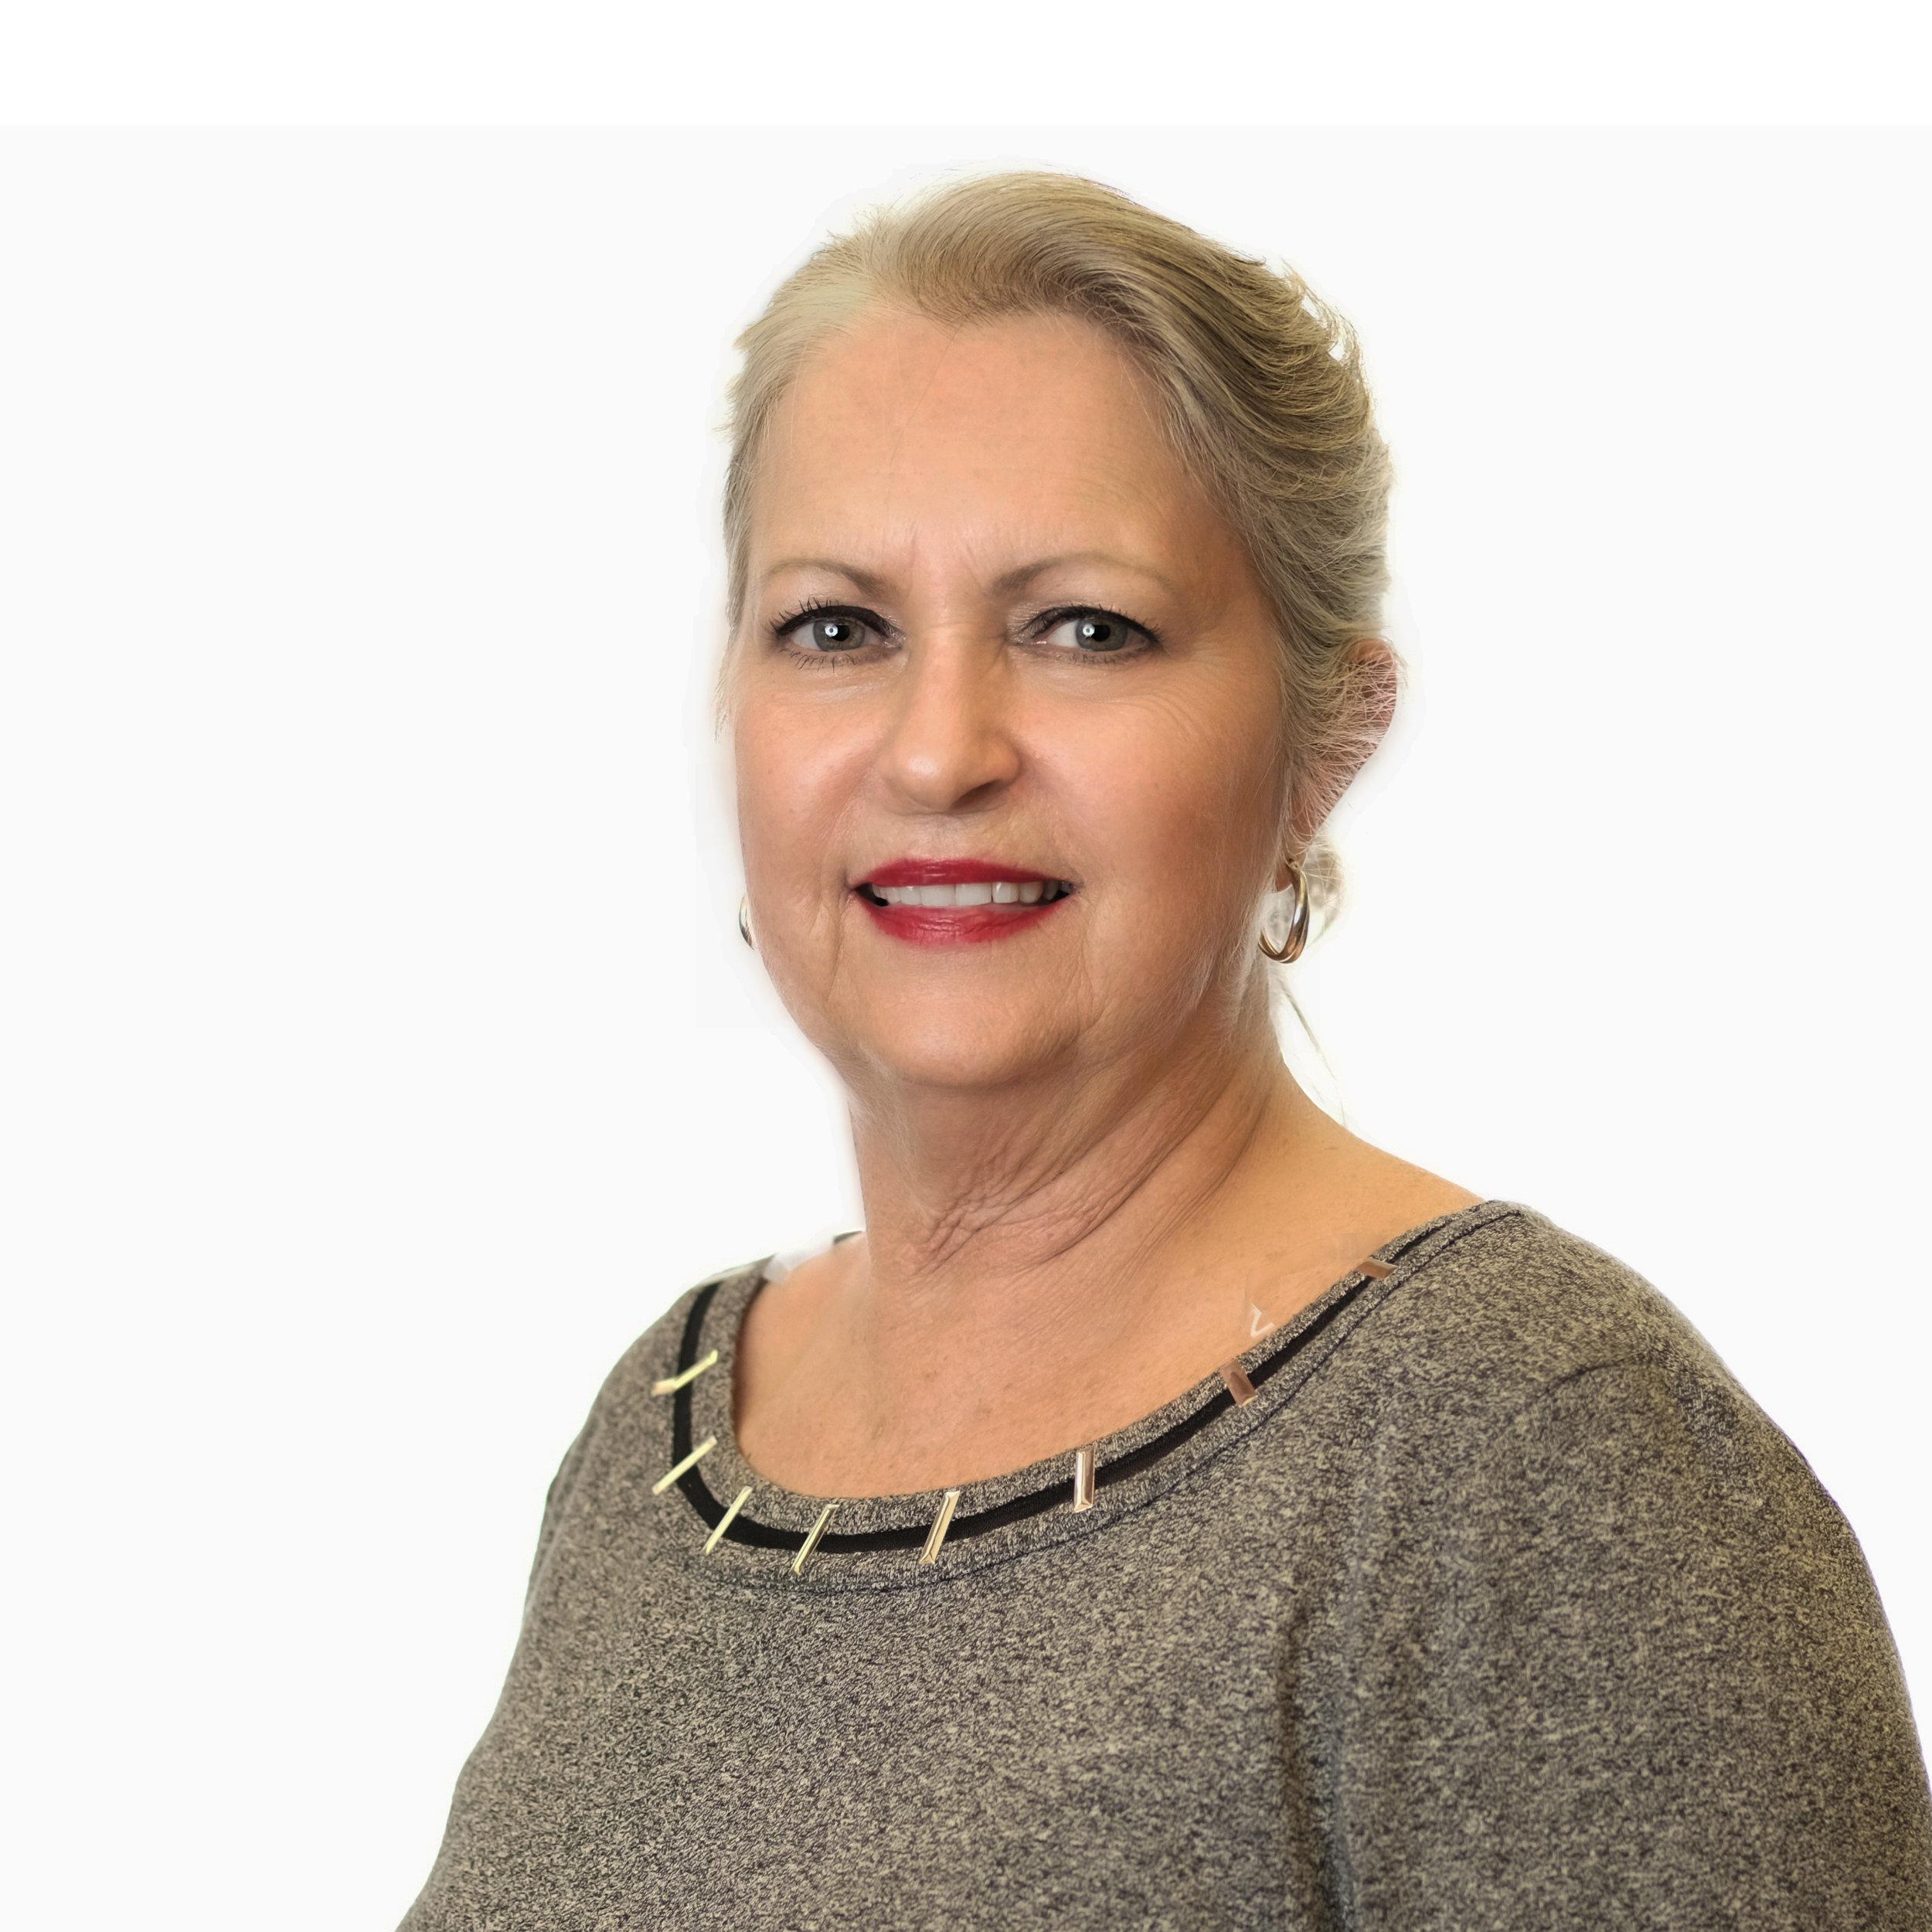 Janice Humble - Treasurerjhumble@burwil.com